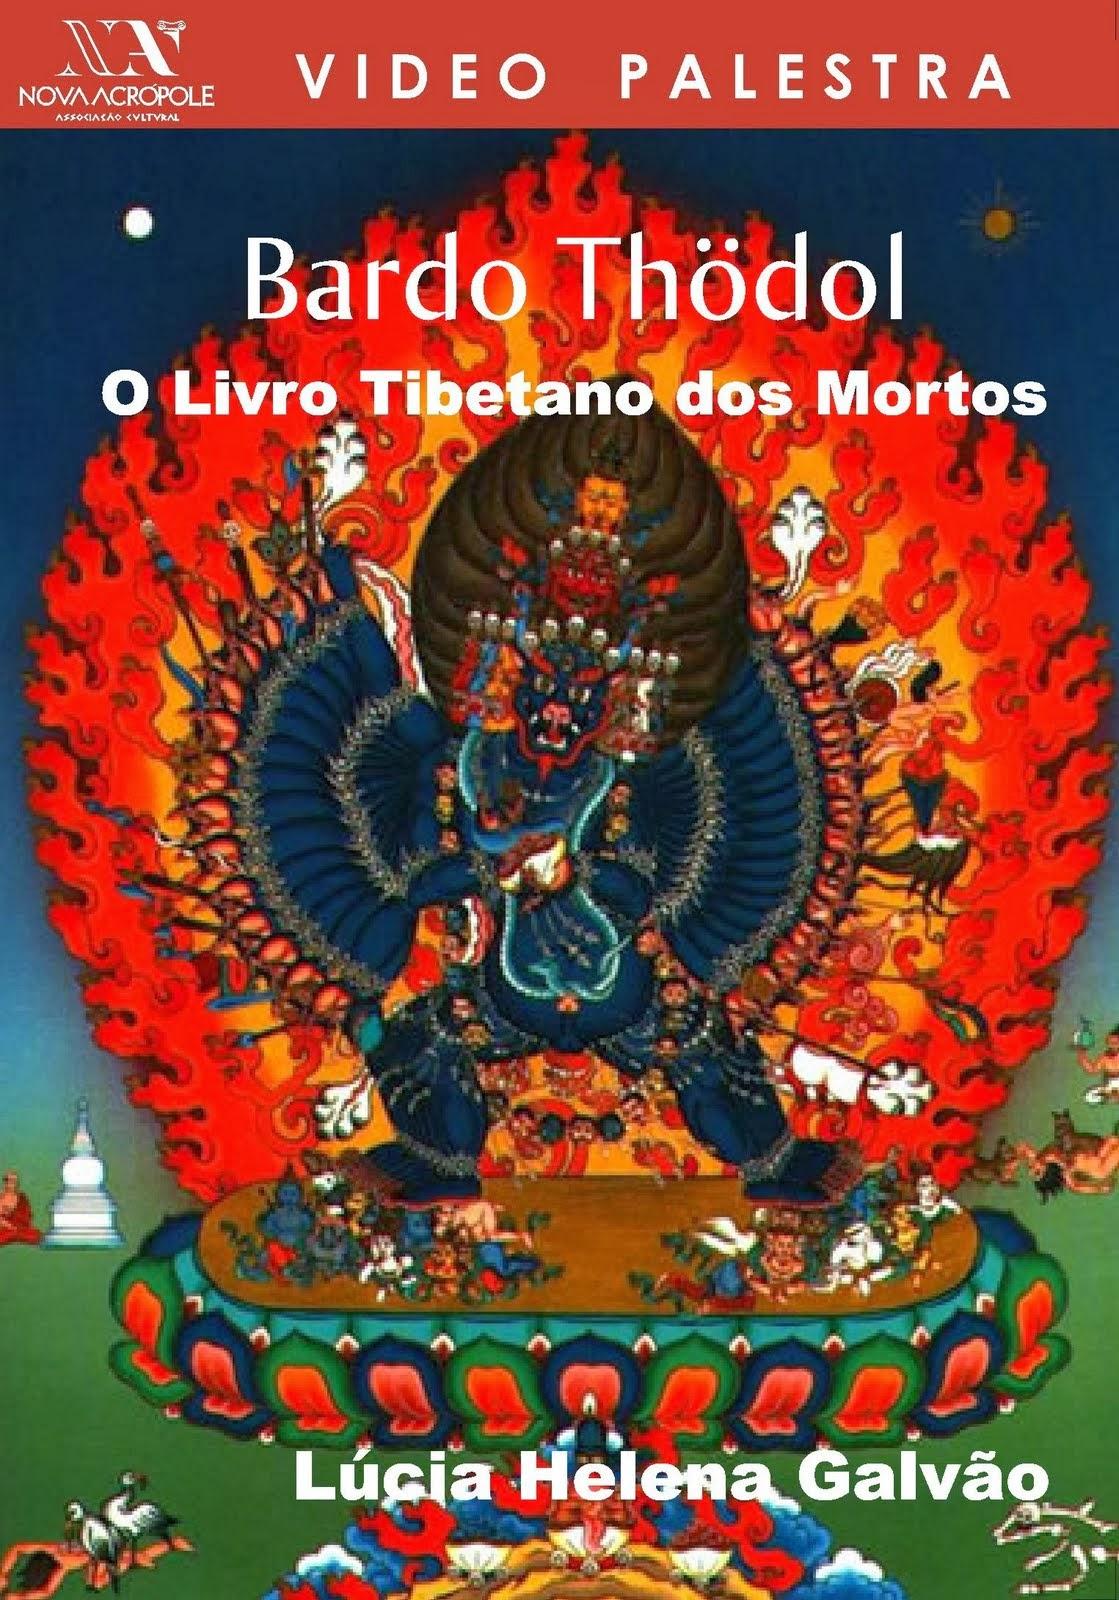 Nova Acrópole: Reflexões sobre a morte: Bardo Thodol, o